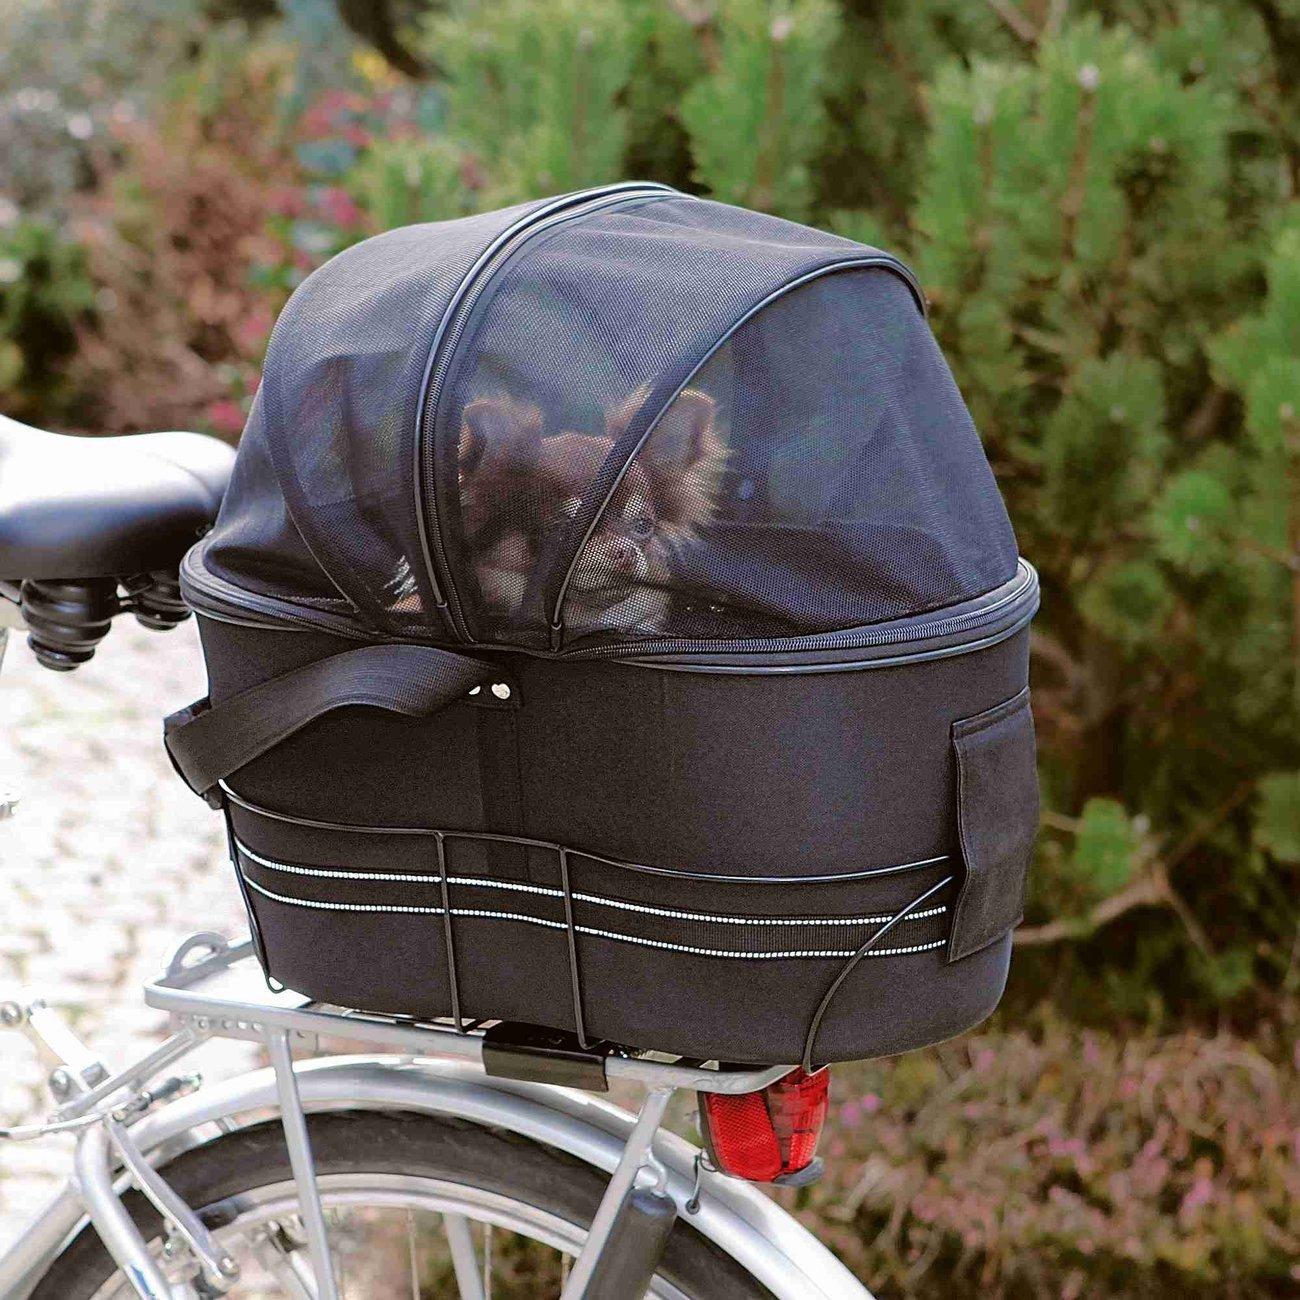 Fahrradtasche mit Metallrahmen für breite Gepäckträger Bild 2